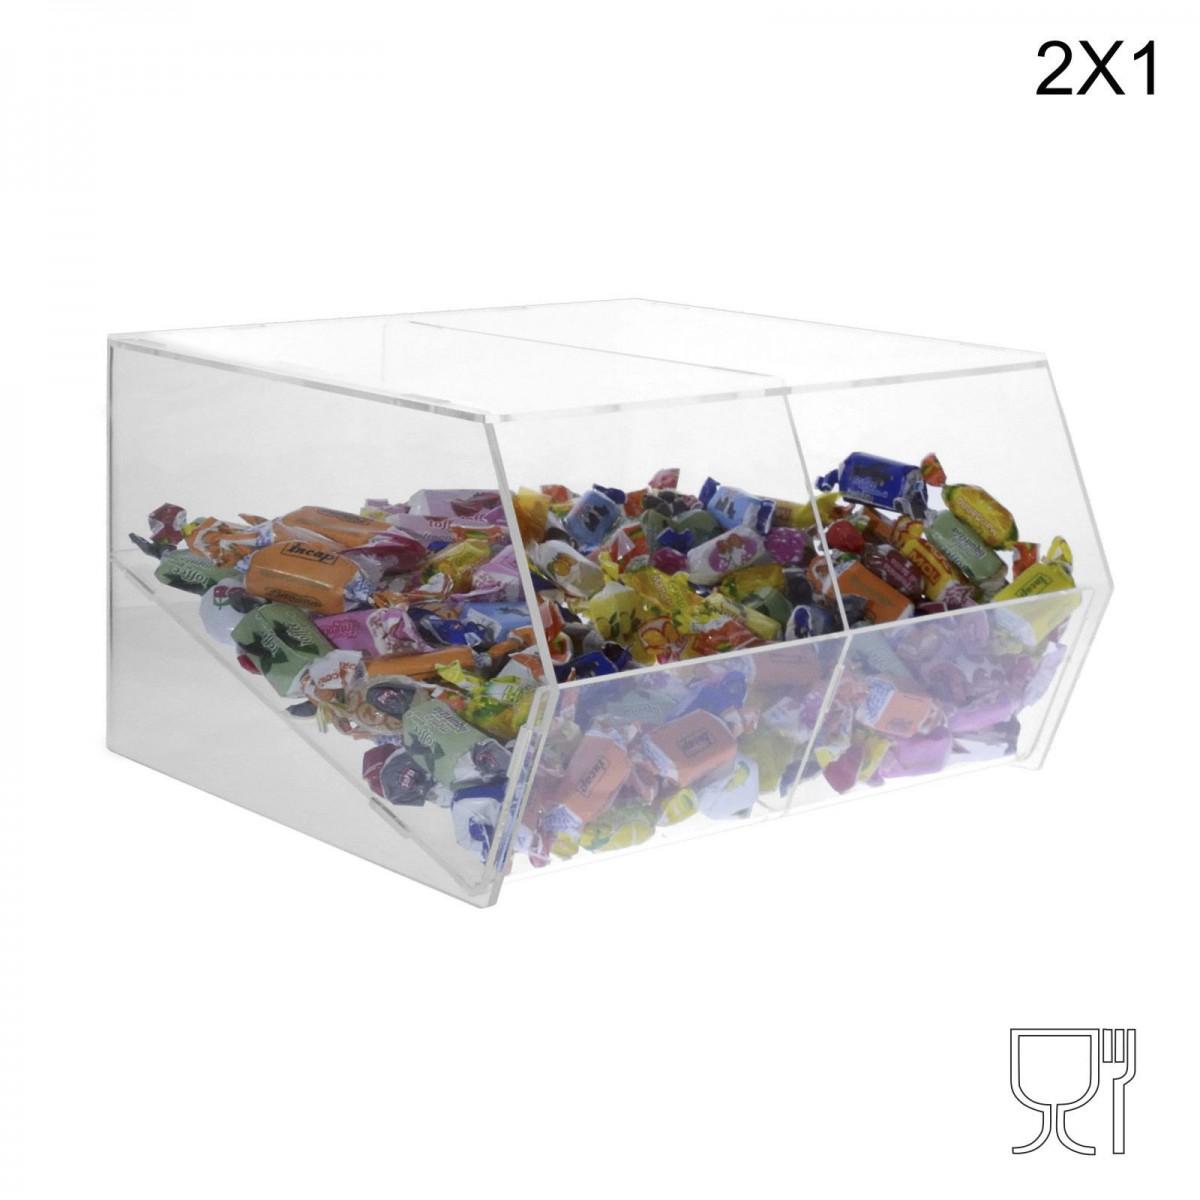 Bonbon-Schütte aus Plexiglass, transparent, OHNE Türchen